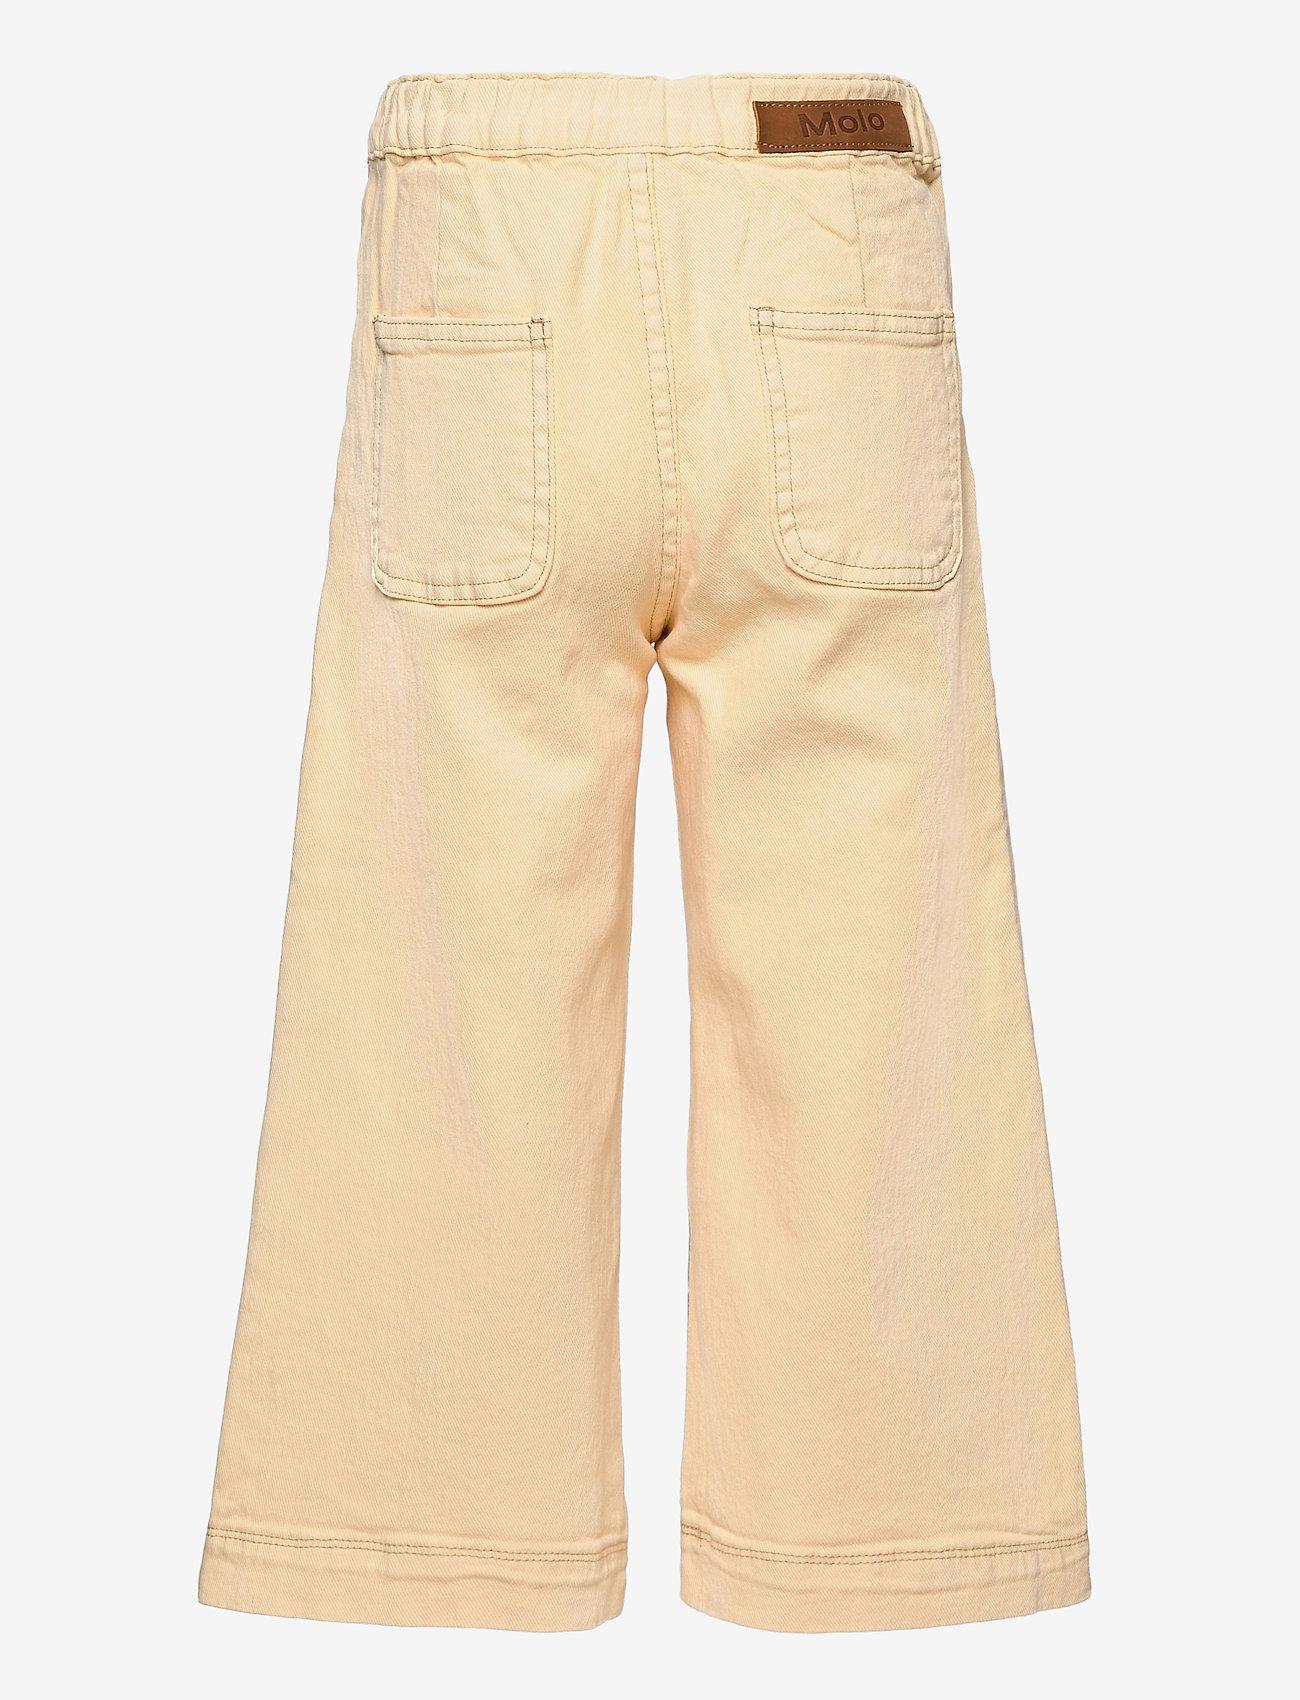 Molo - Alyna - trousers - banana crepe - 1